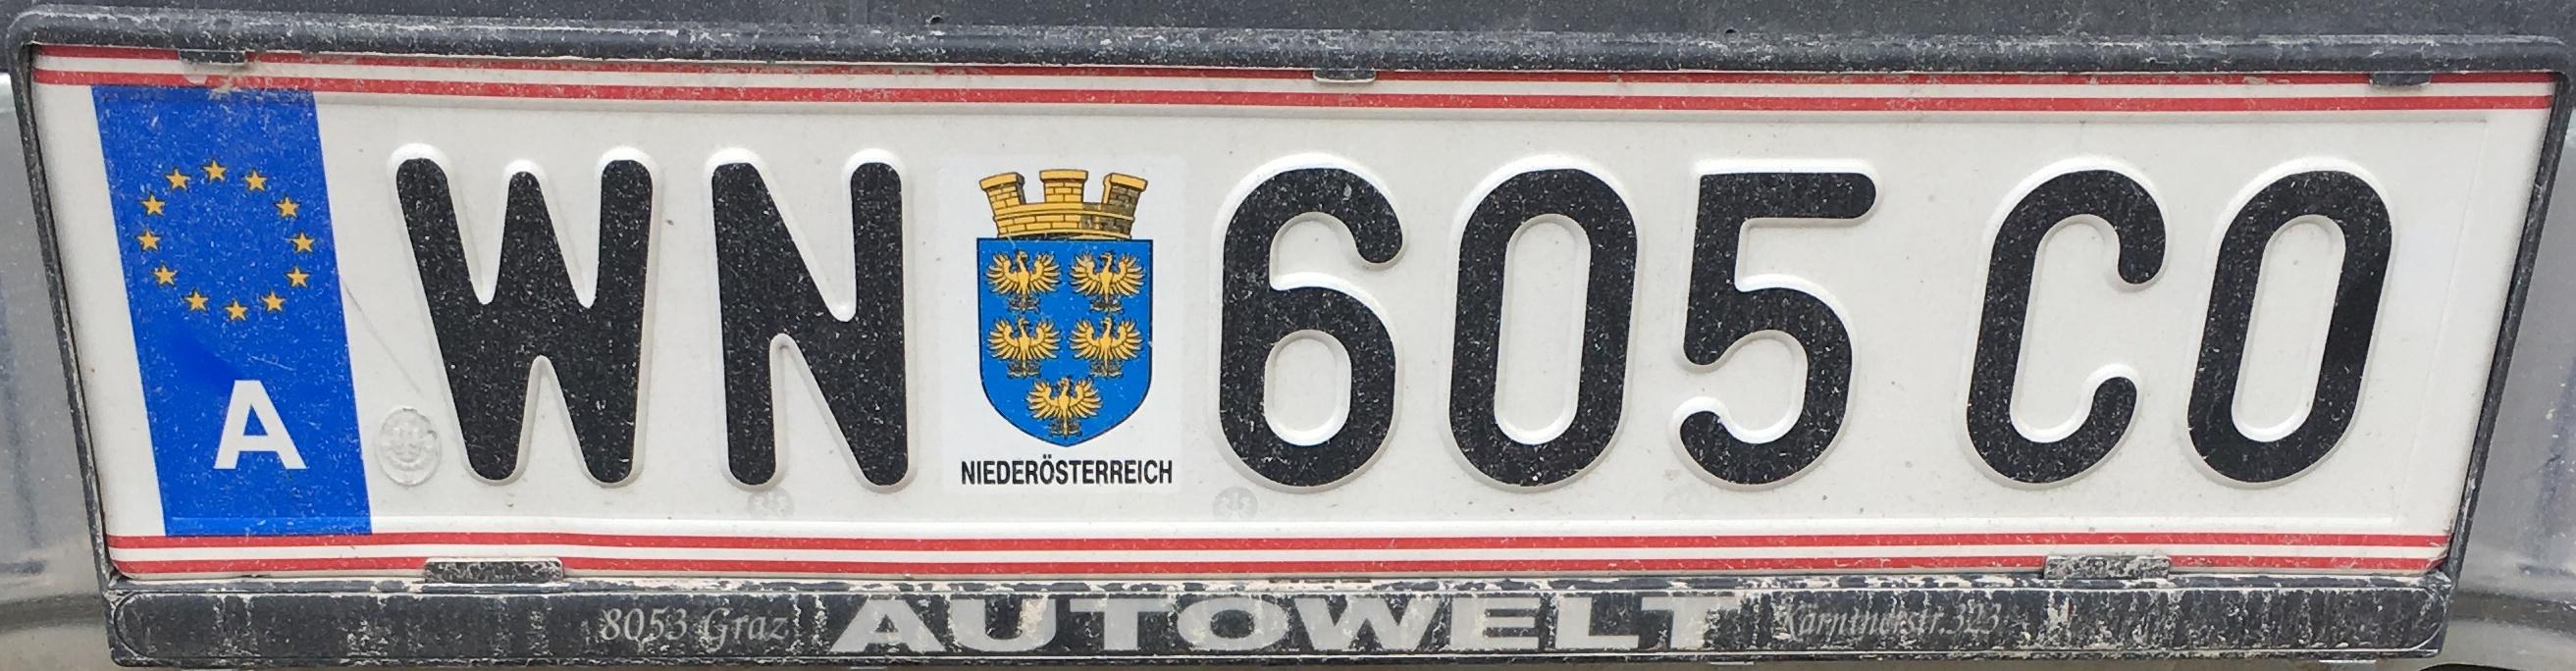 Registrační značka Rakousko - WN - Wiener Neustadt-město, foto: vlastní